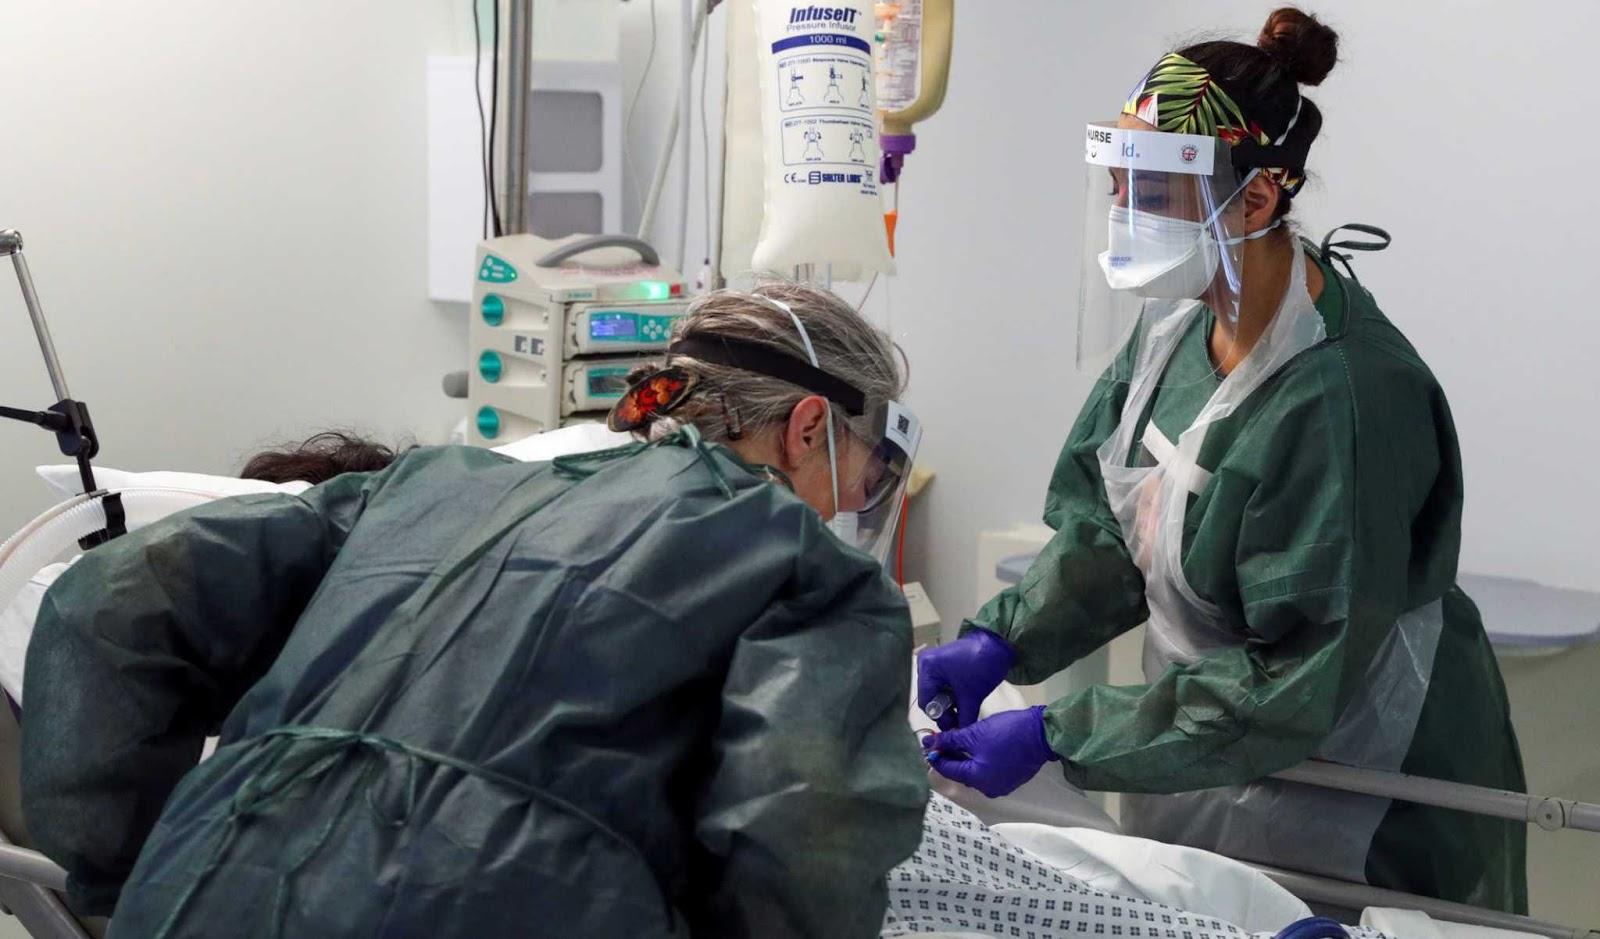 Κορονοϊός: Αντίστροφη μέτρηση για νέα έκτακτα μέτρα